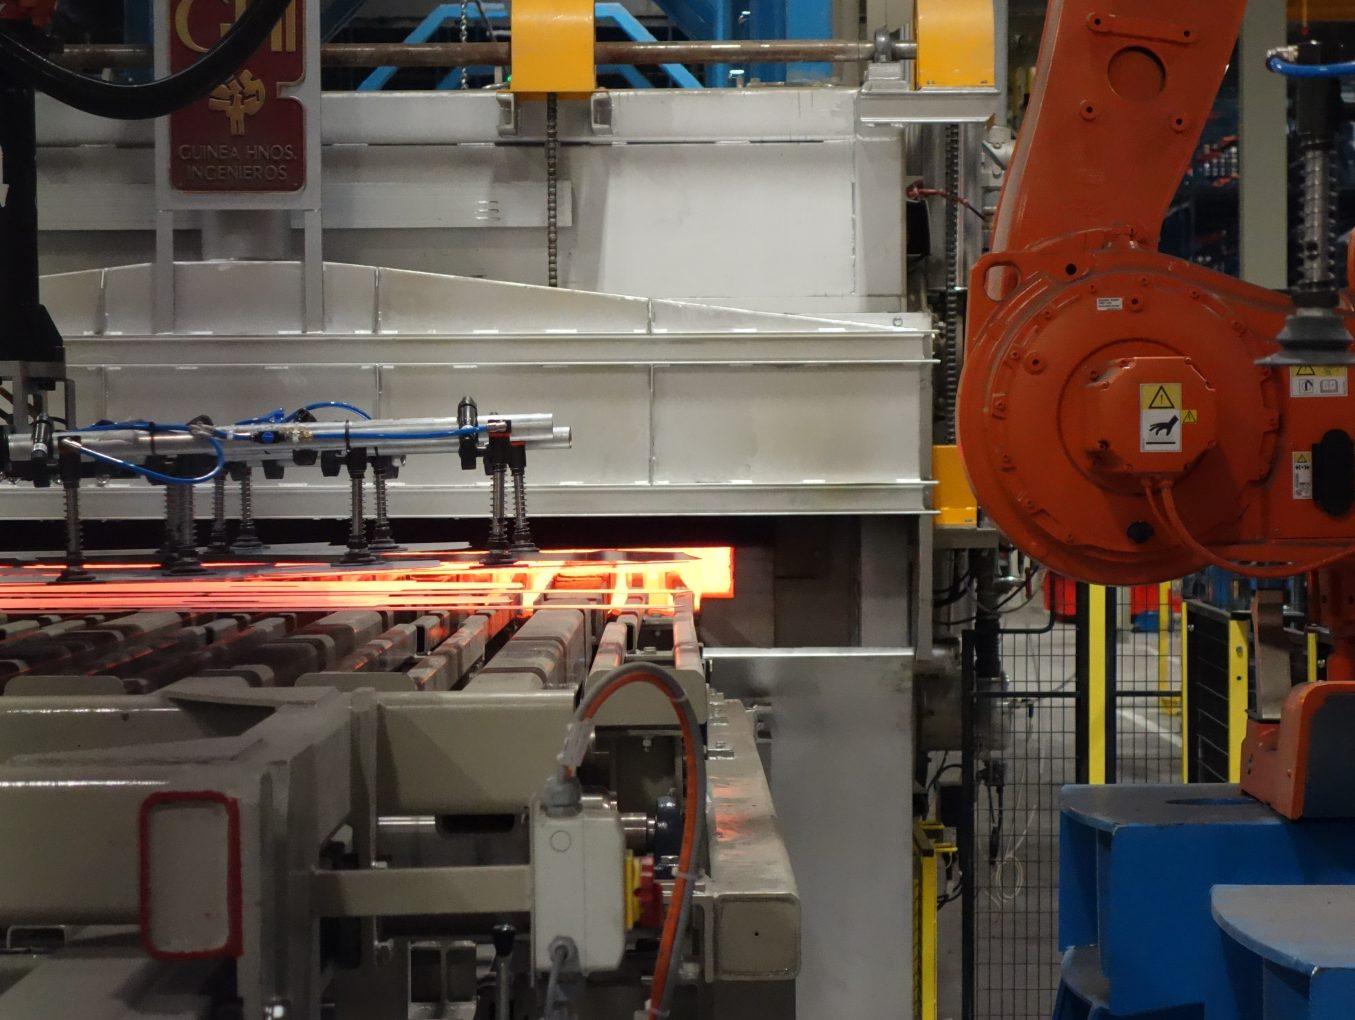 COLD-HOT 4.0: Nuevas tecnologías de estampación 4.0 asociadas a nuevos materiales